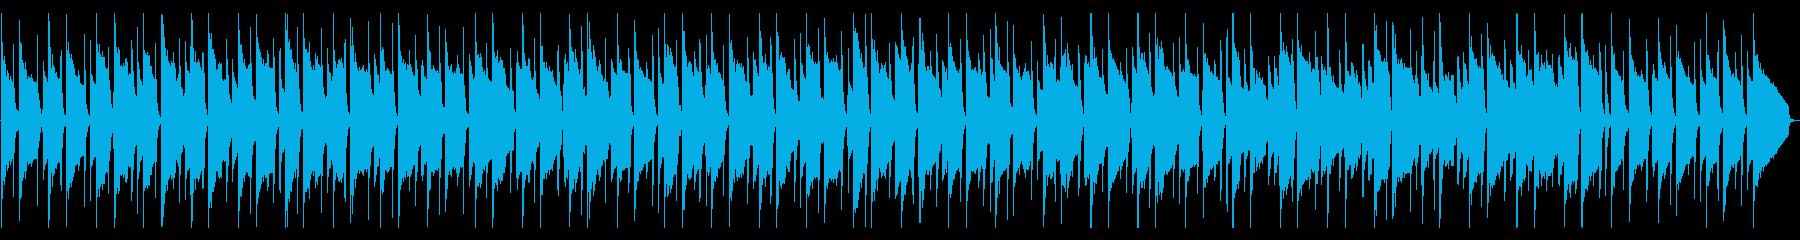 のんびりした日常系BGMの再生済みの波形